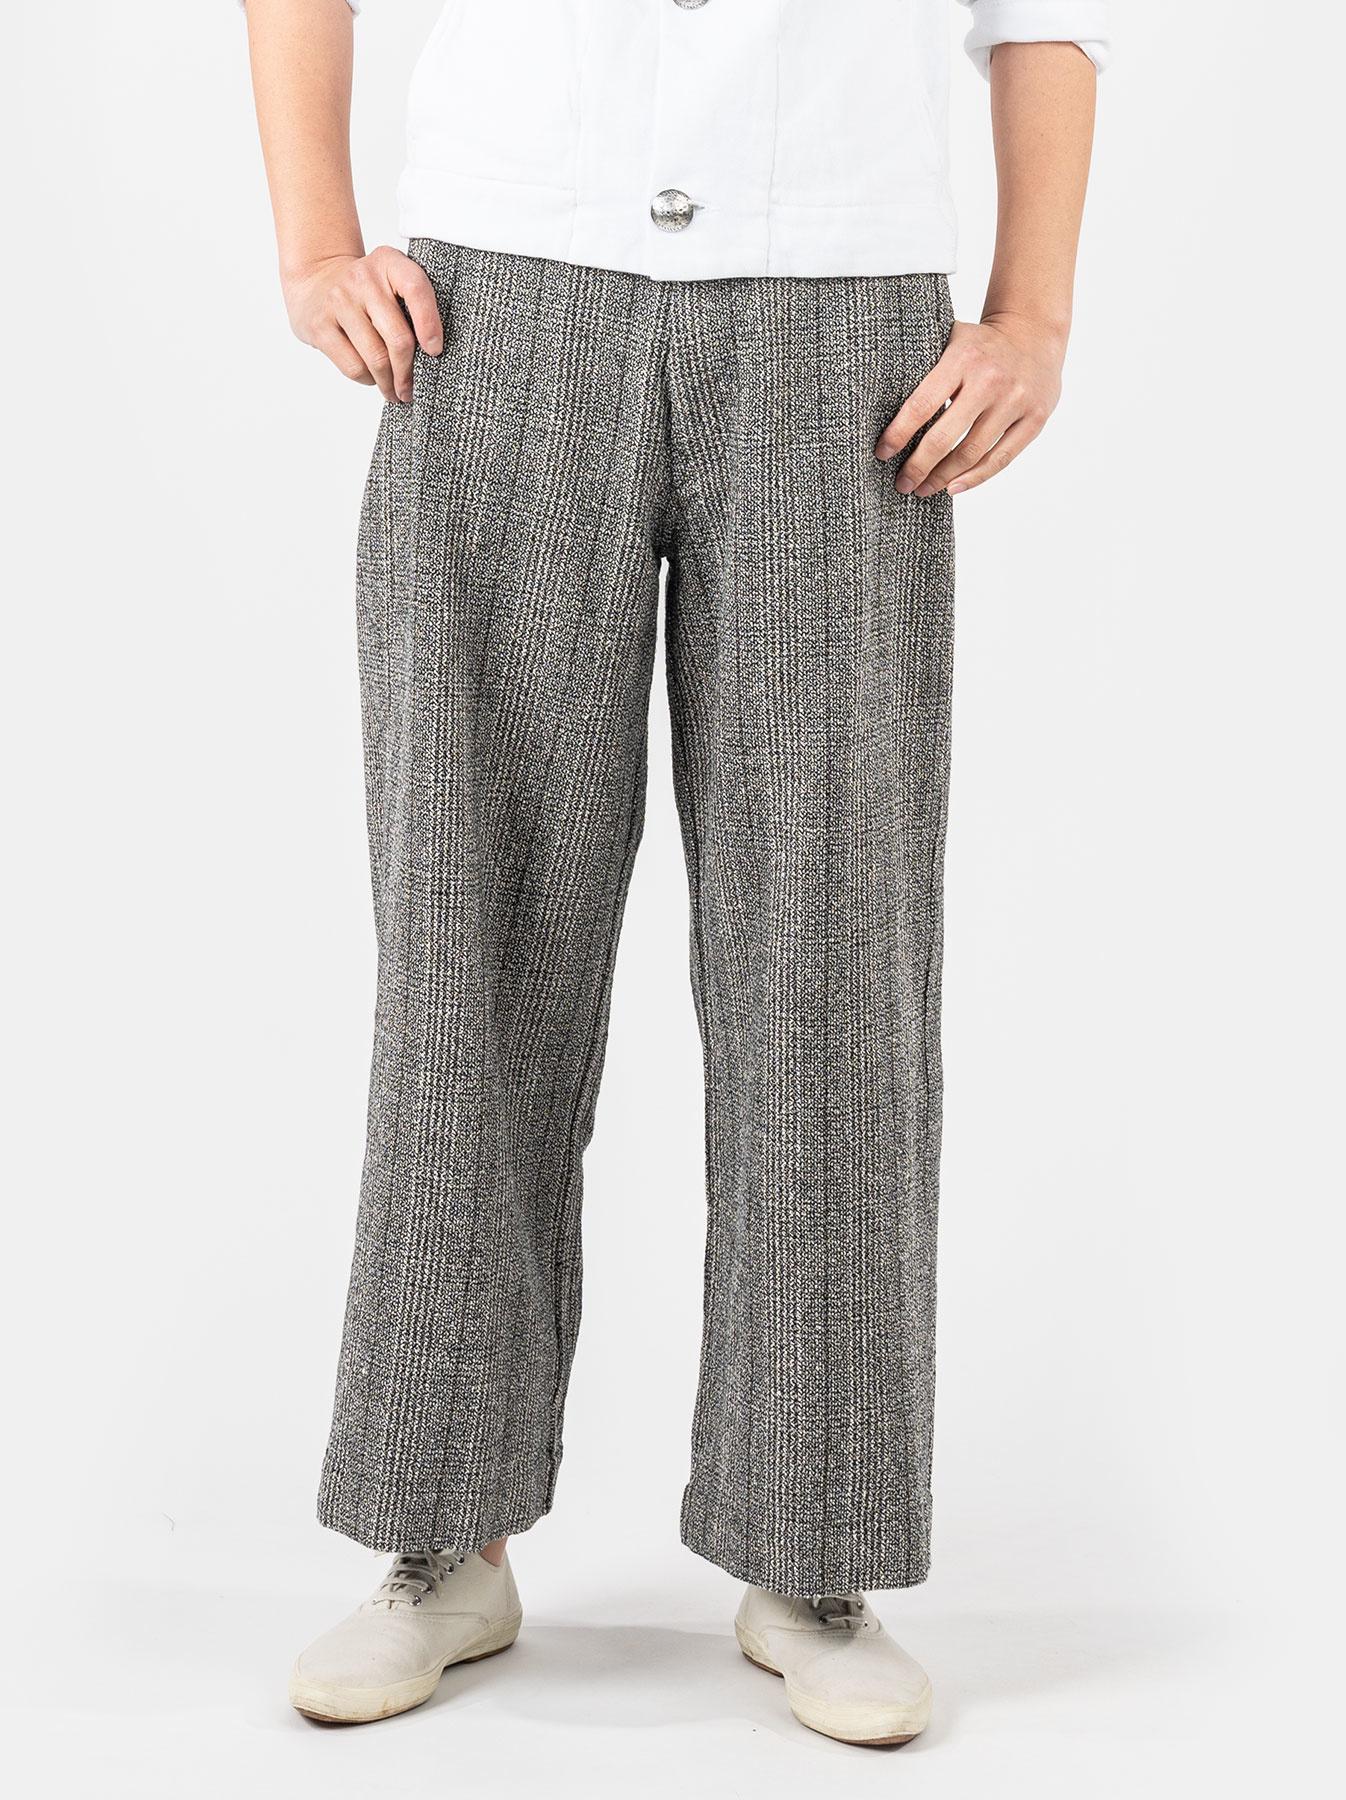 WH Mokumoku Tweed 908 Pants-3